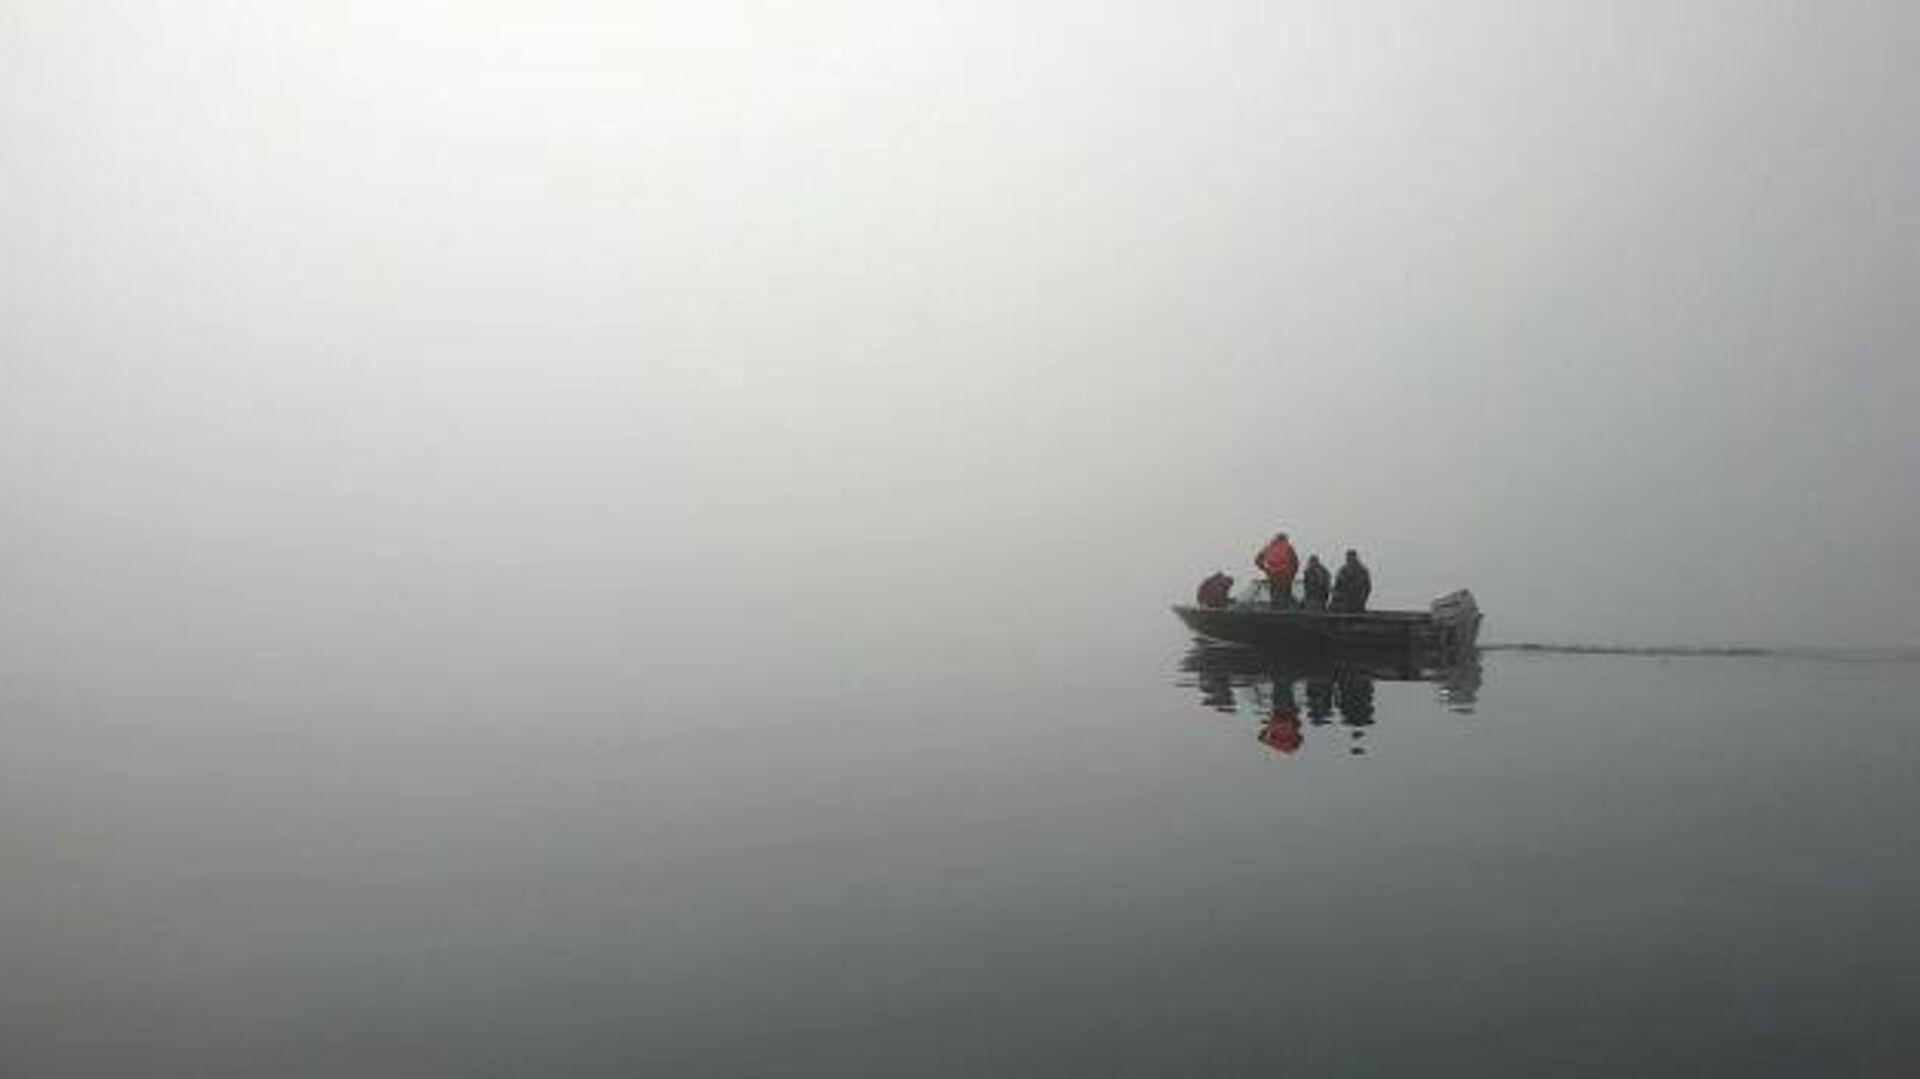 Туристки рассказали о путешествии по маршруту упавшего Ми-8 на Камчатке